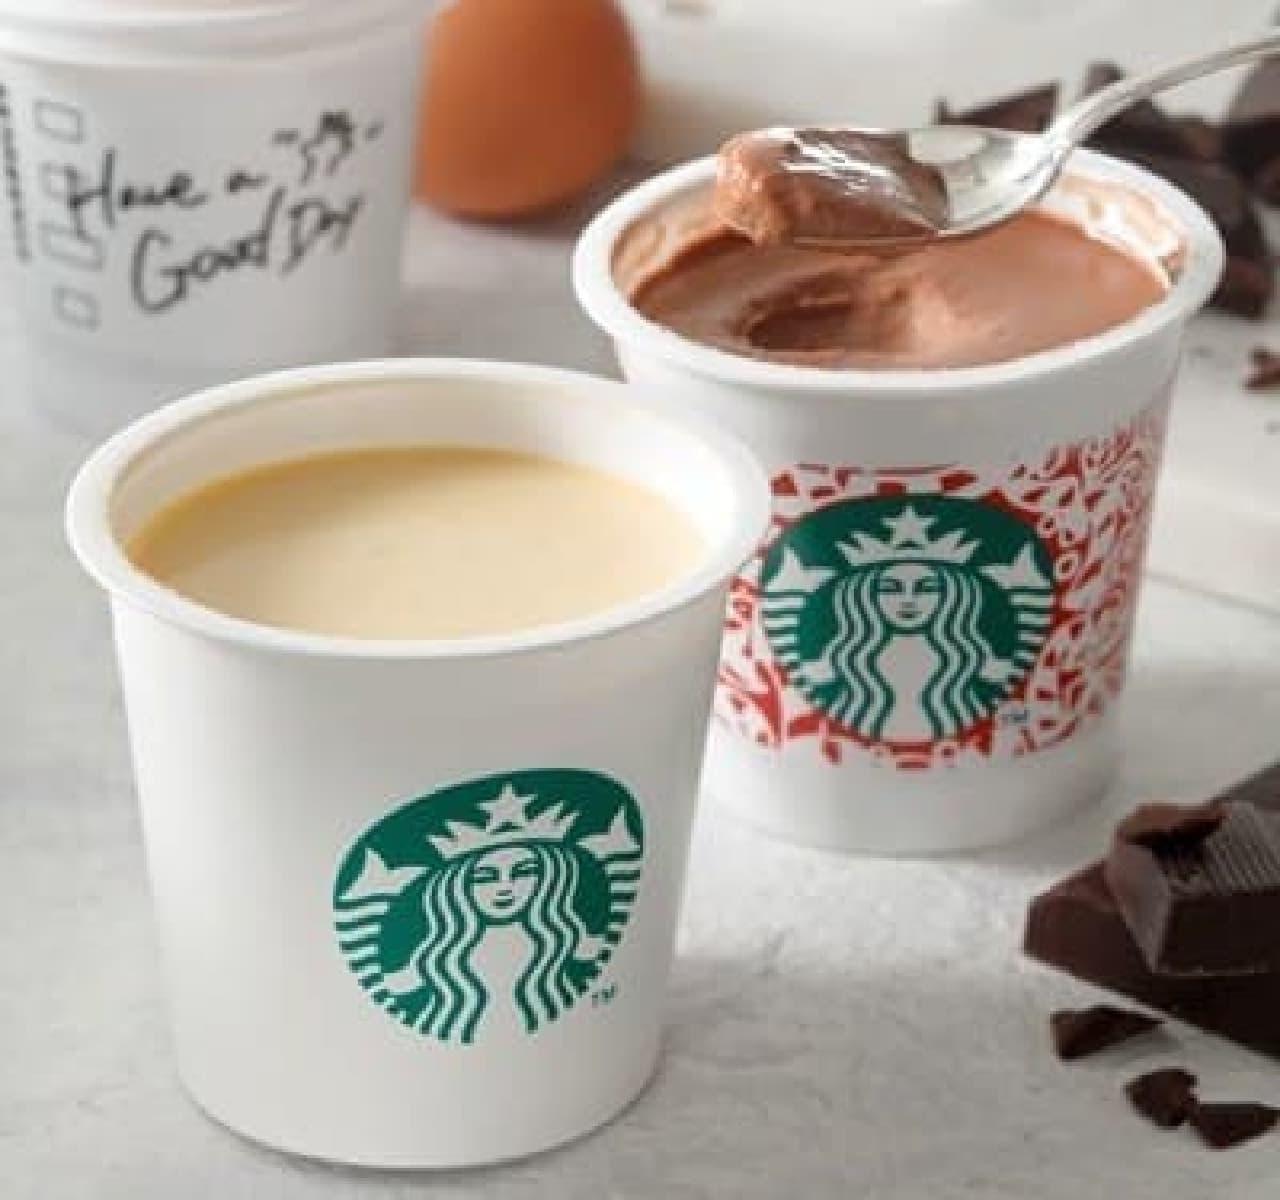 スターバックス コーヒー「ミルクカスタードプリン」と「チョコレートプリン」